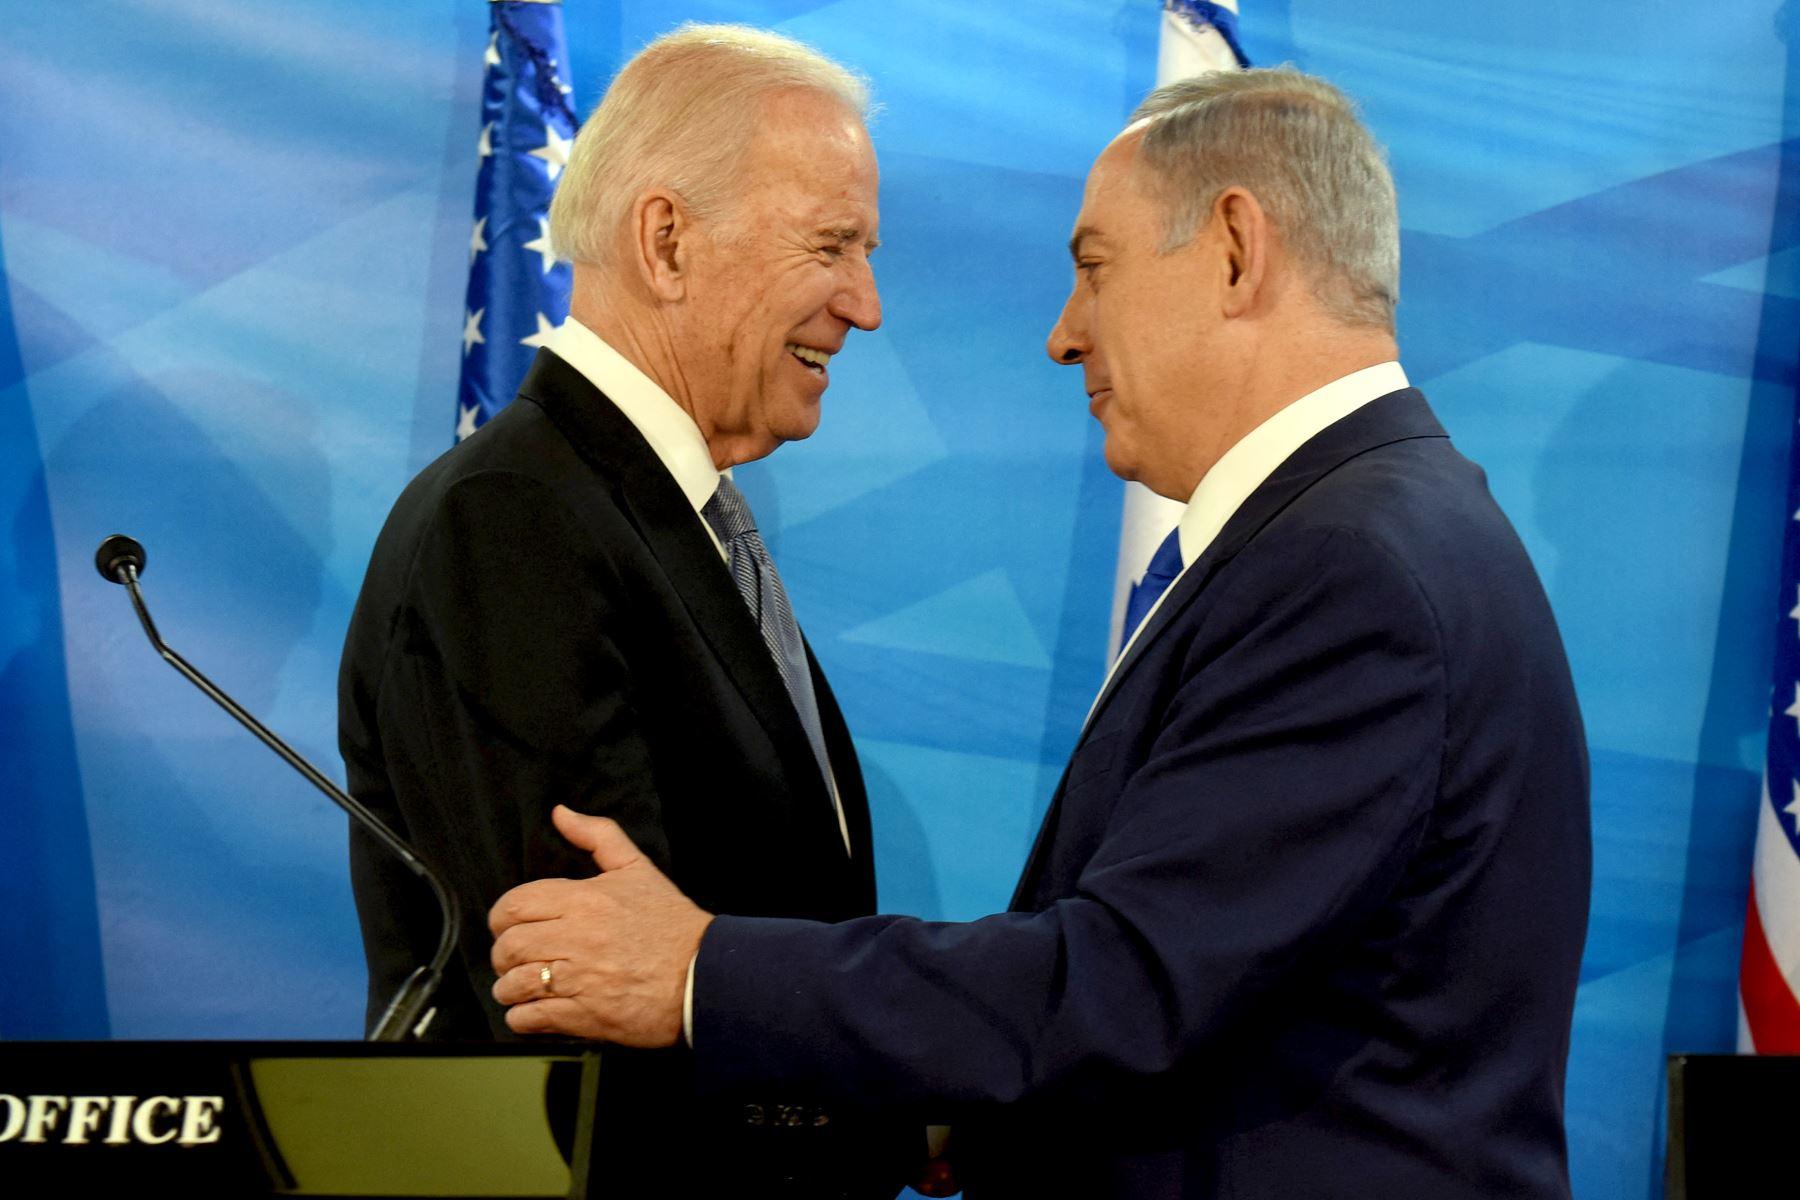 iran-tema-central-de-la-primera-conversacion-entre-netanyahu-y-biden